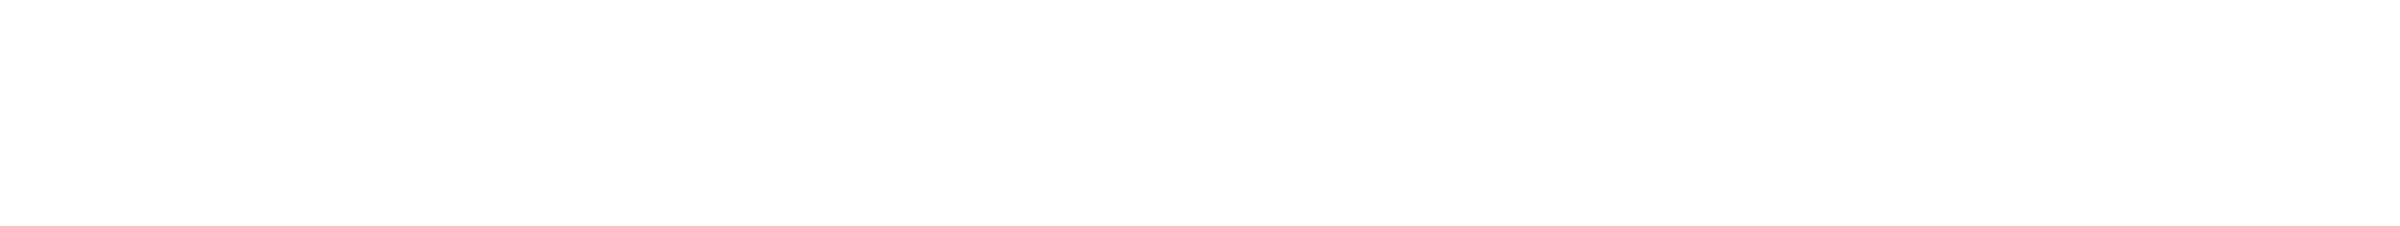 Casual Friday Logo